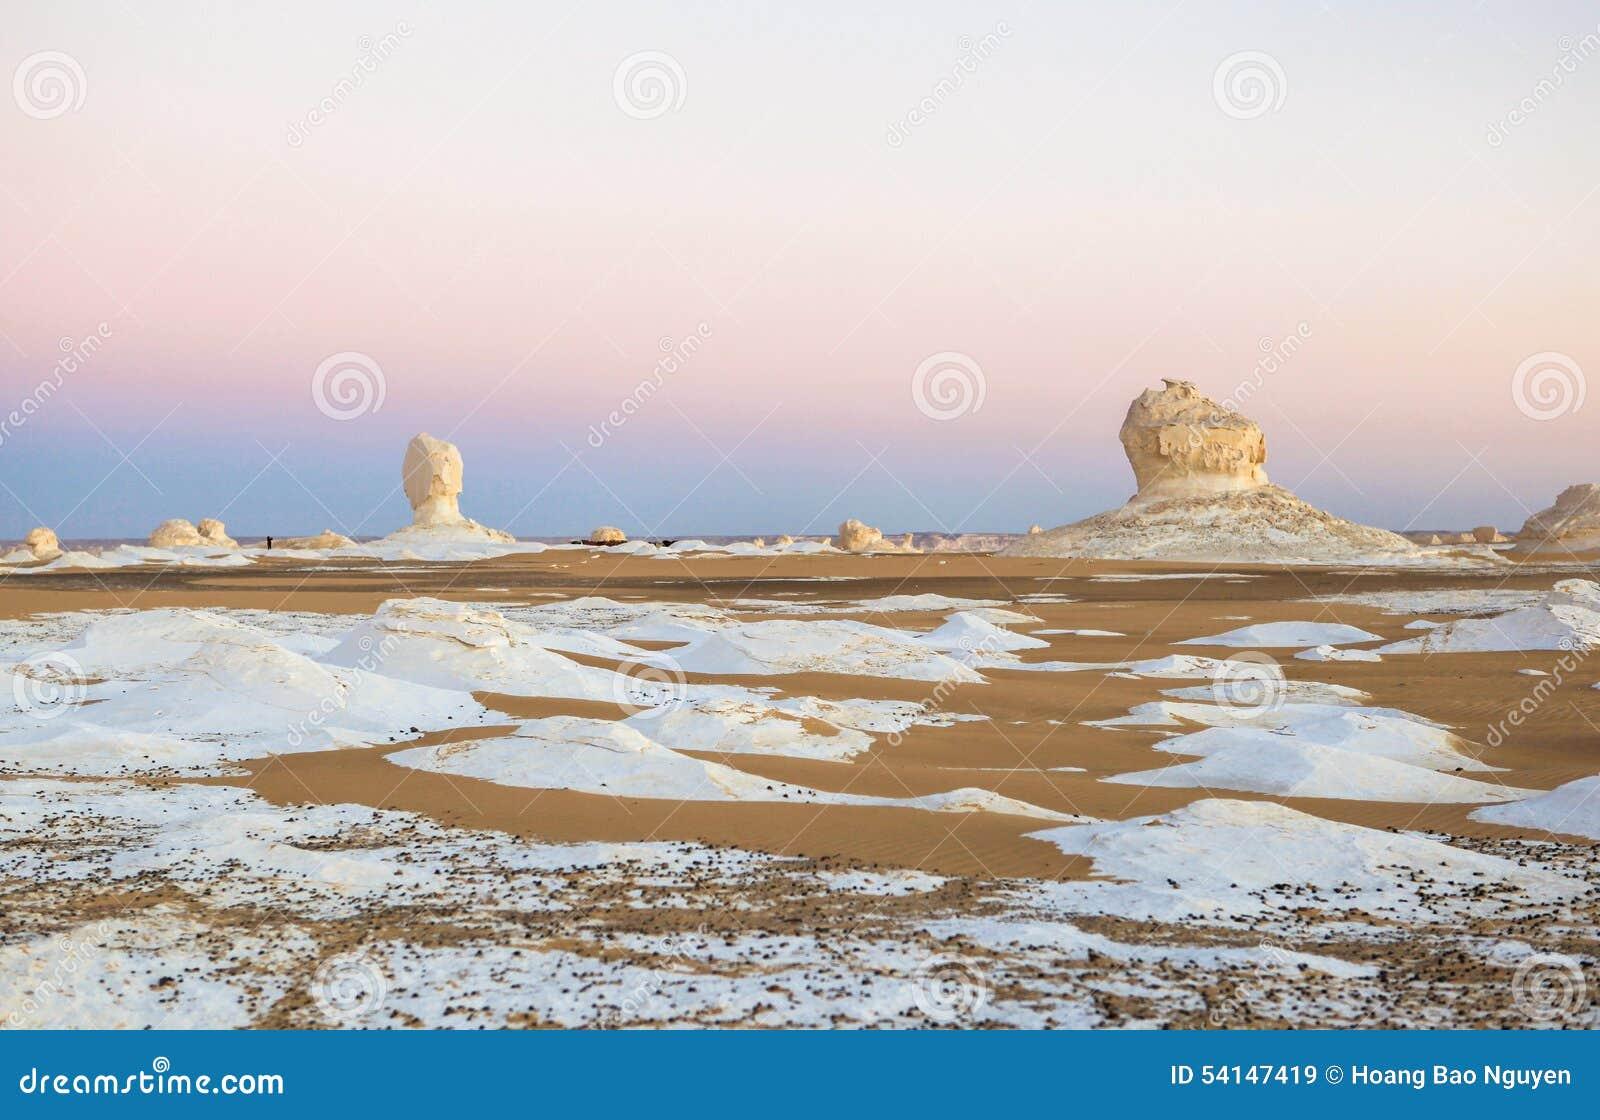 Sonnenaufgang an der weißen Wüste, Ägypten